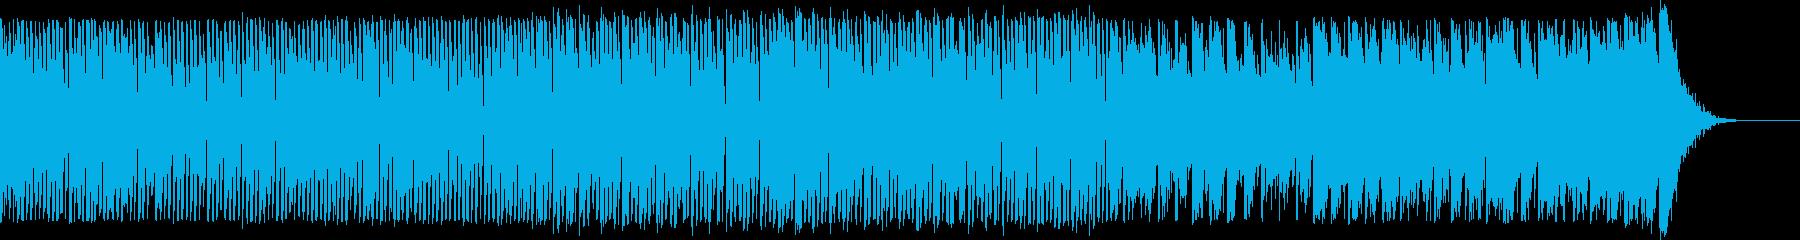 テレビゲーム 繰り返しの シンセサ...の再生済みの波形